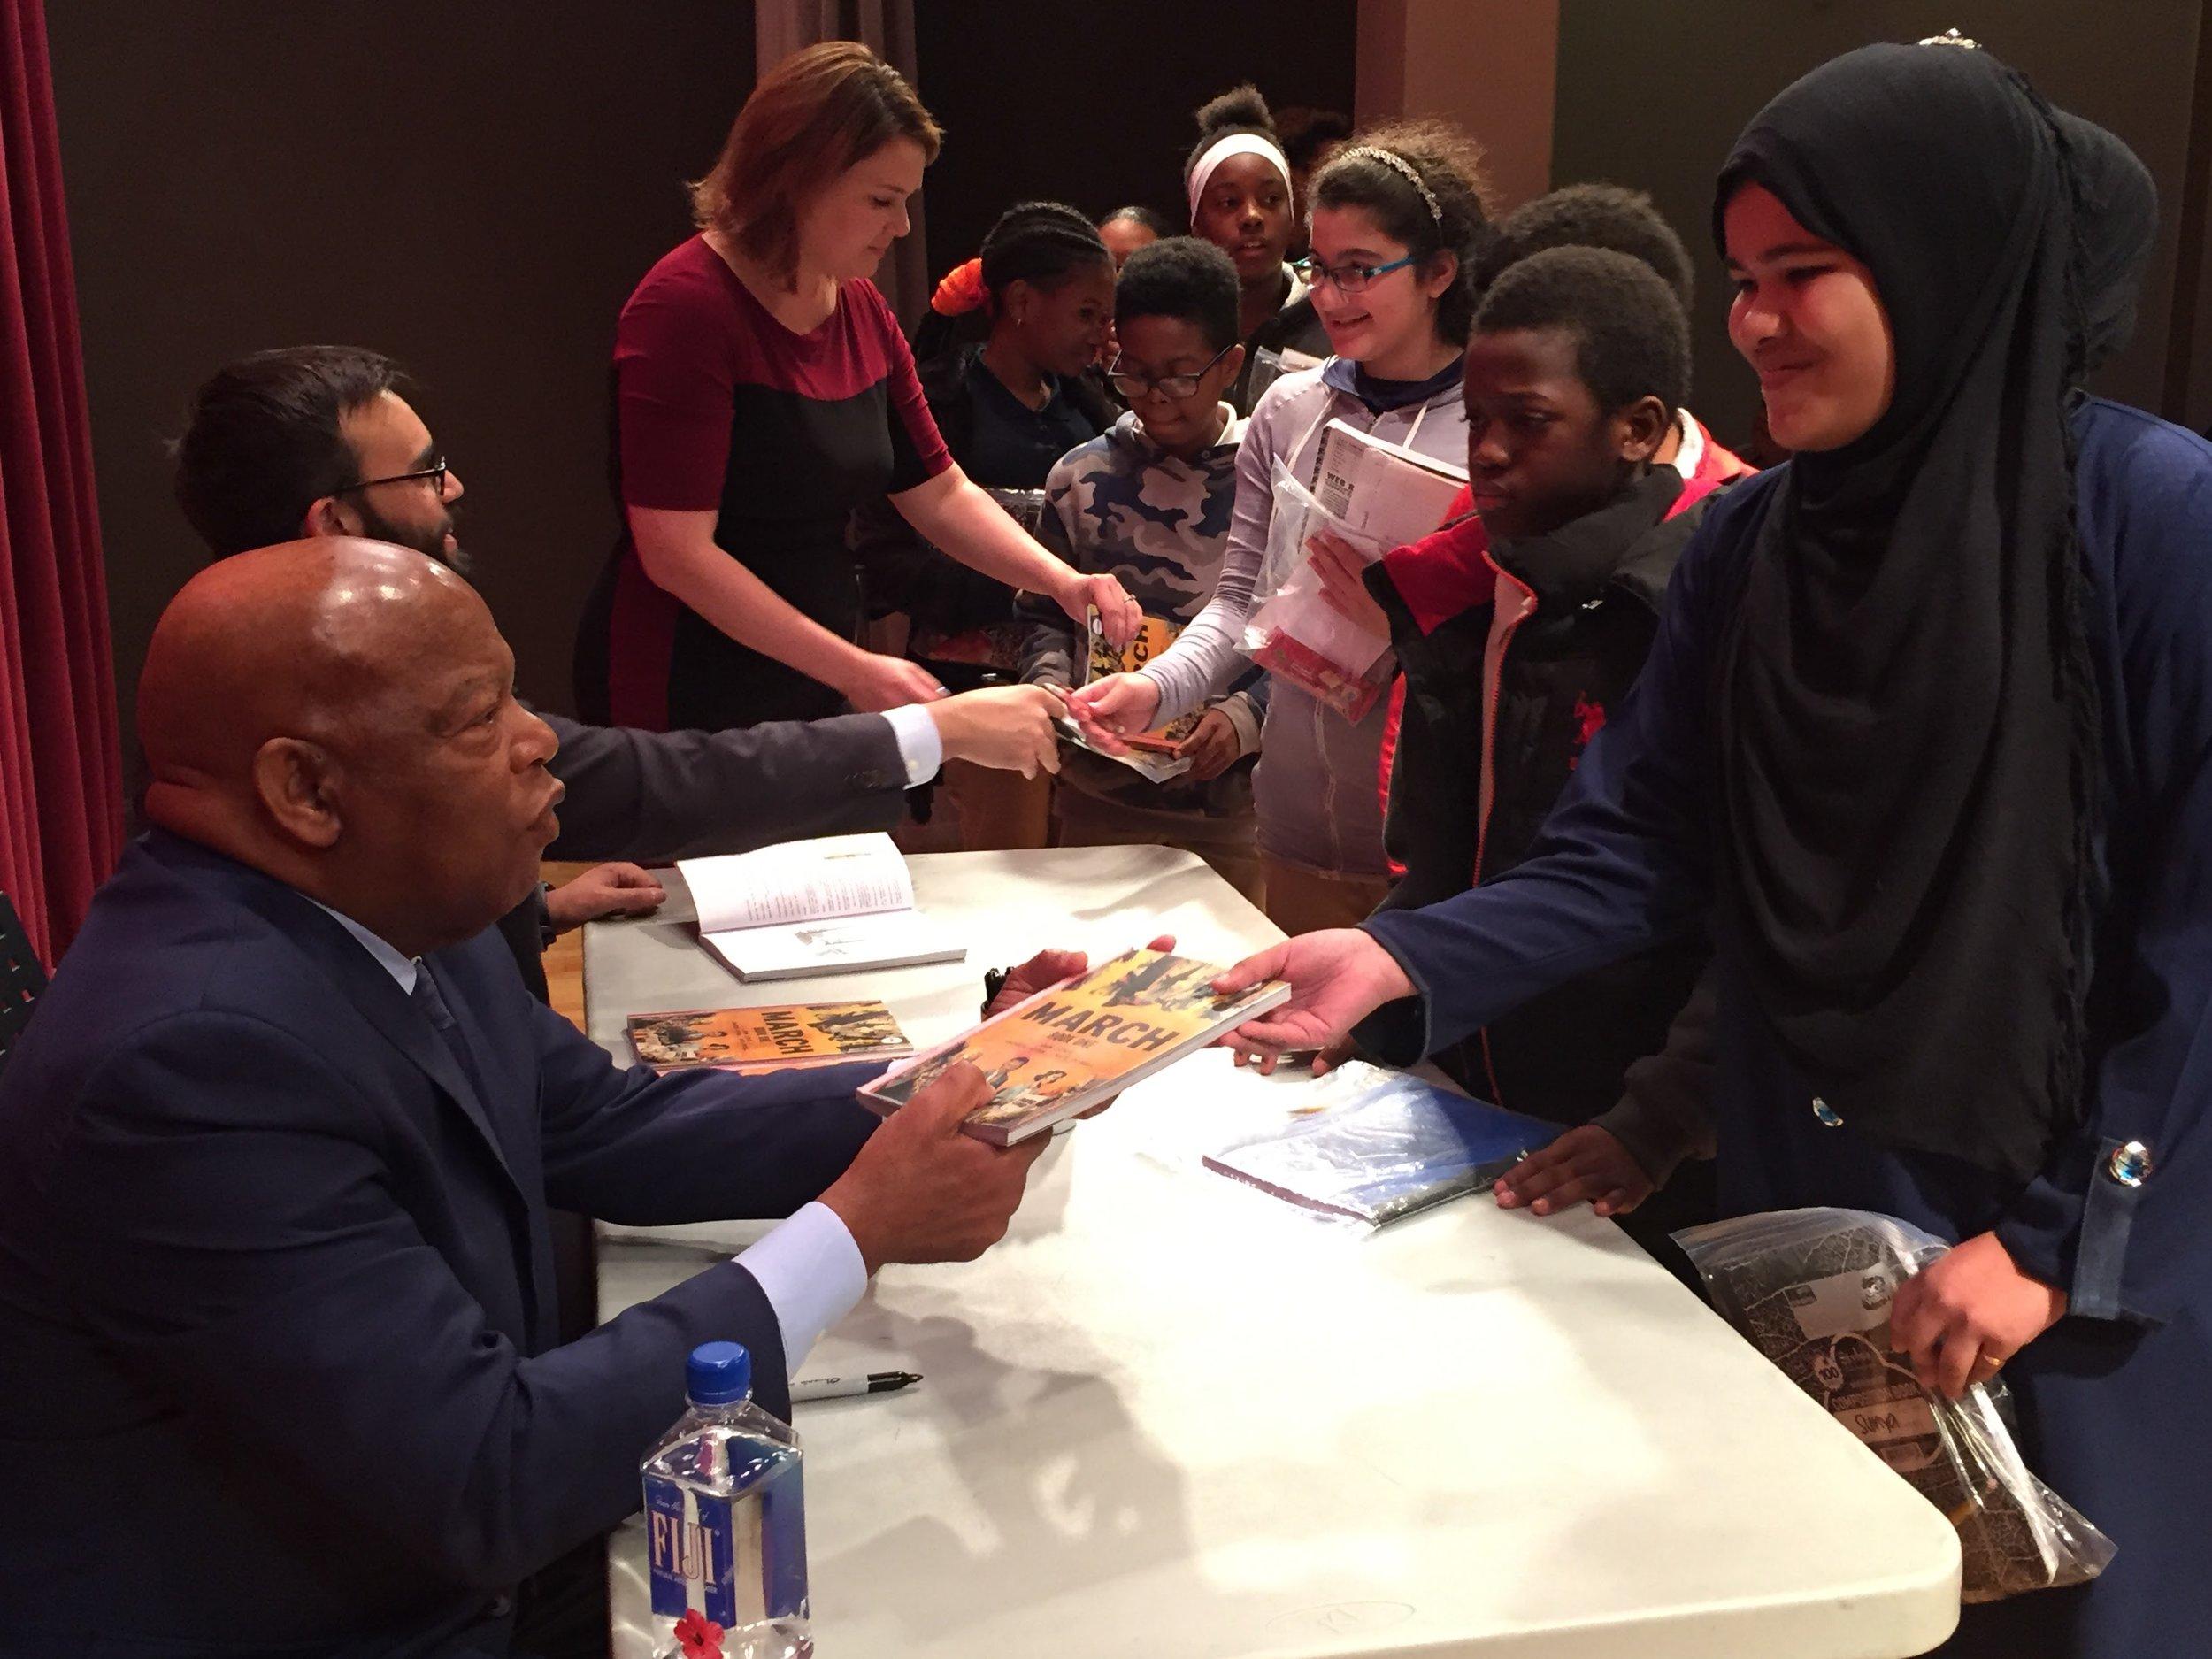 Sarah's students meeting Rep. John Lewis